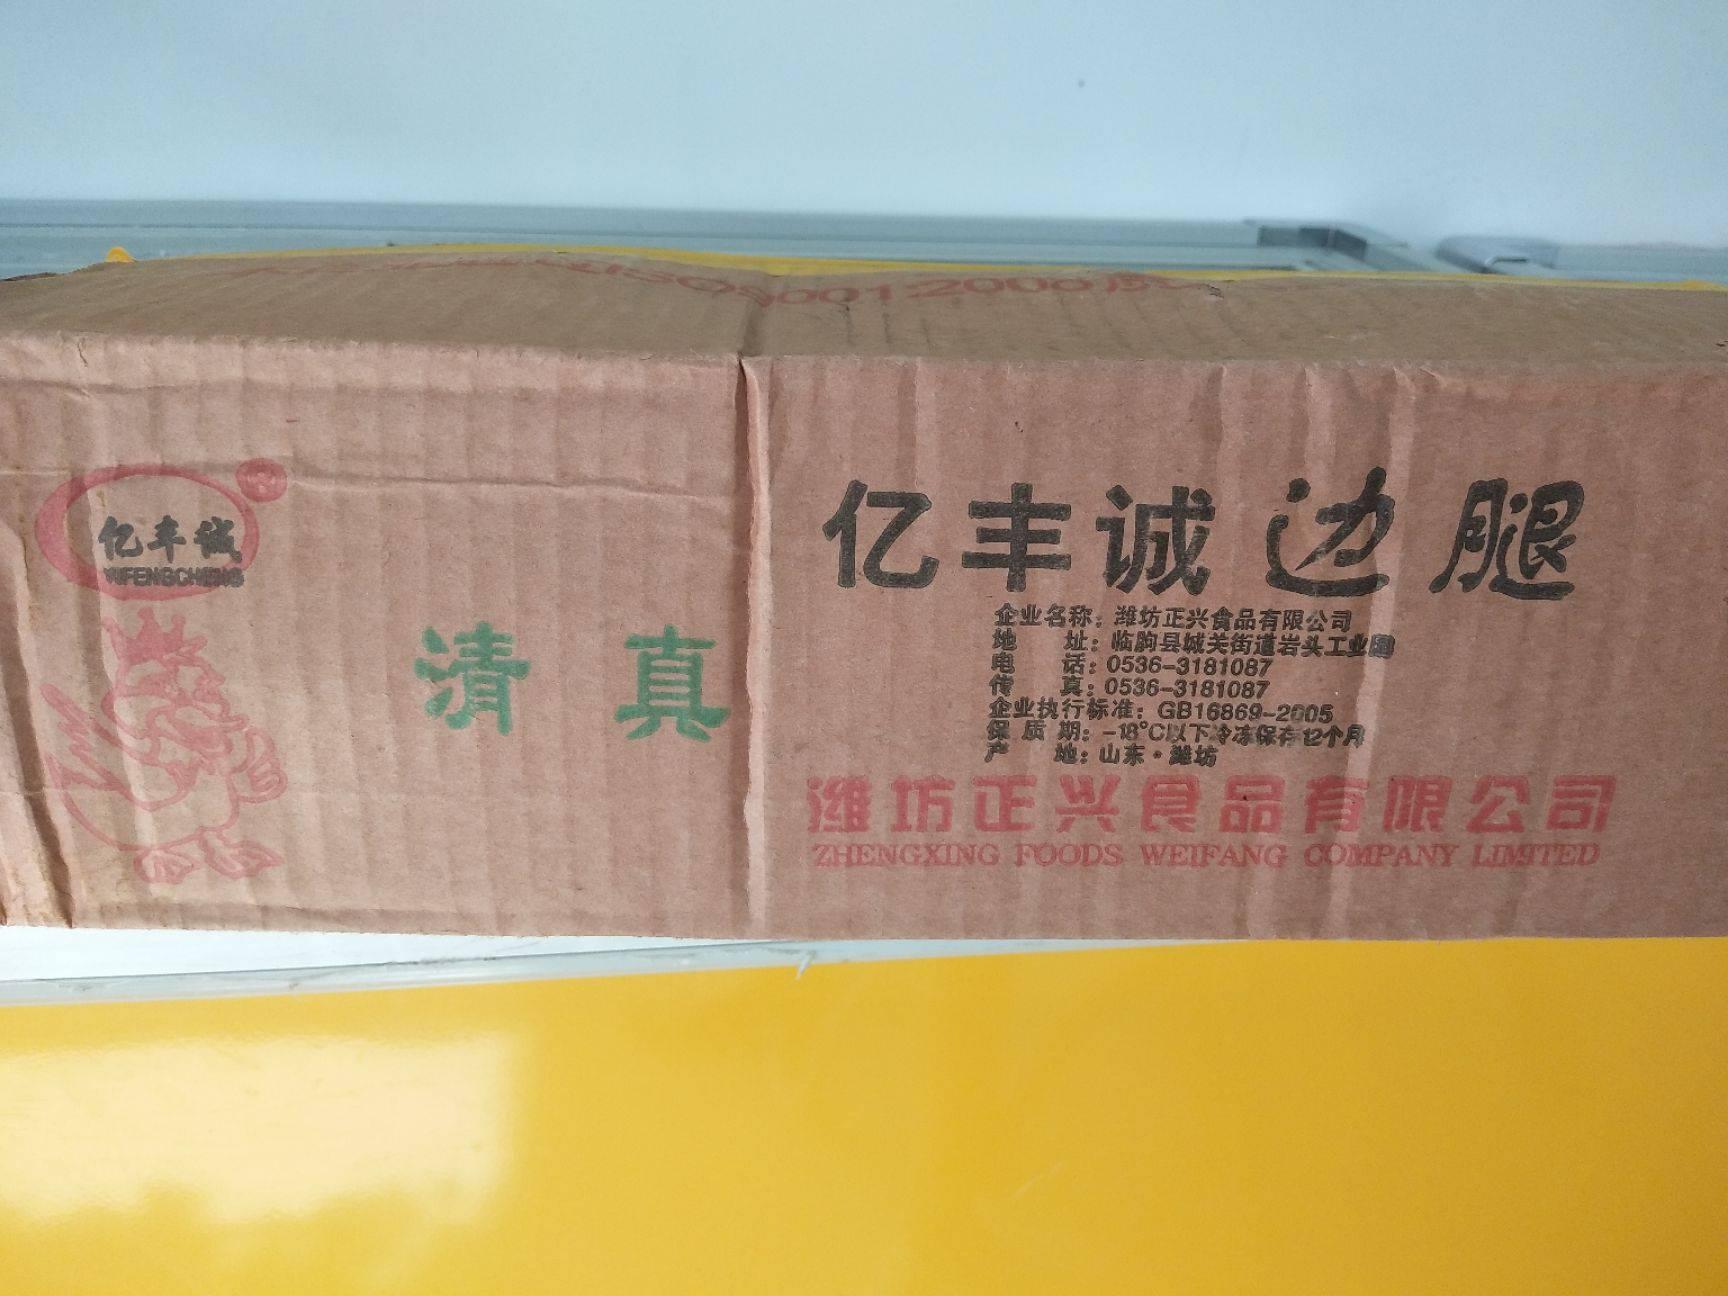 [鸭边腿1批发]鸭边腿1 冷冻 价格58元/箱